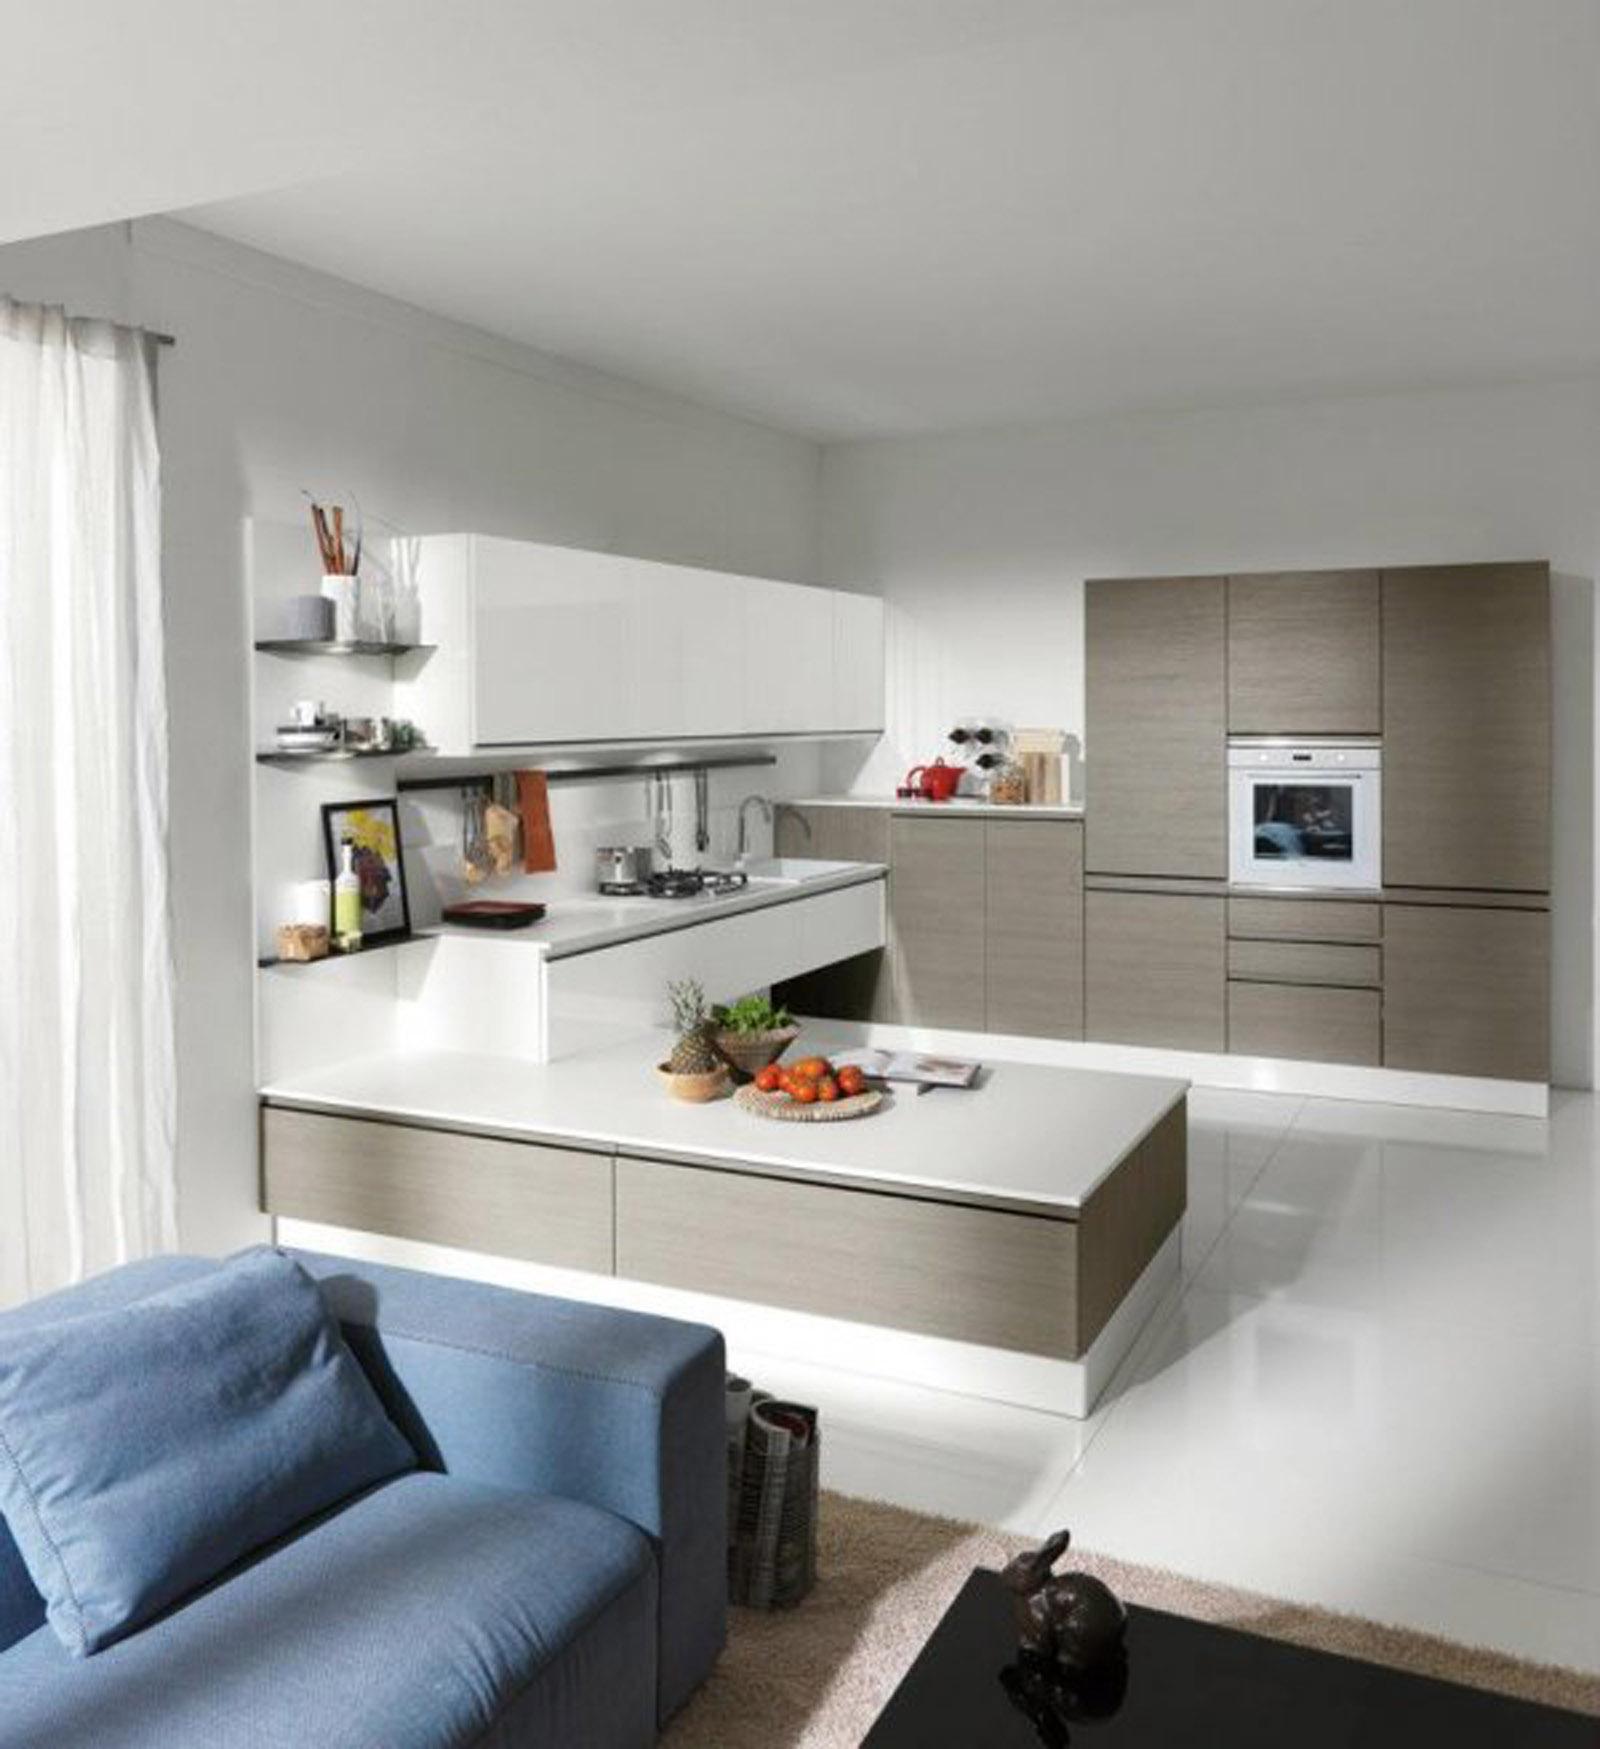 Soggiorno E Cucina Insieme: Cucina Open Space (foto 4/40) Tempo Libero  #446487 1600 1749 Progettare Una Cucina On Line Gratis